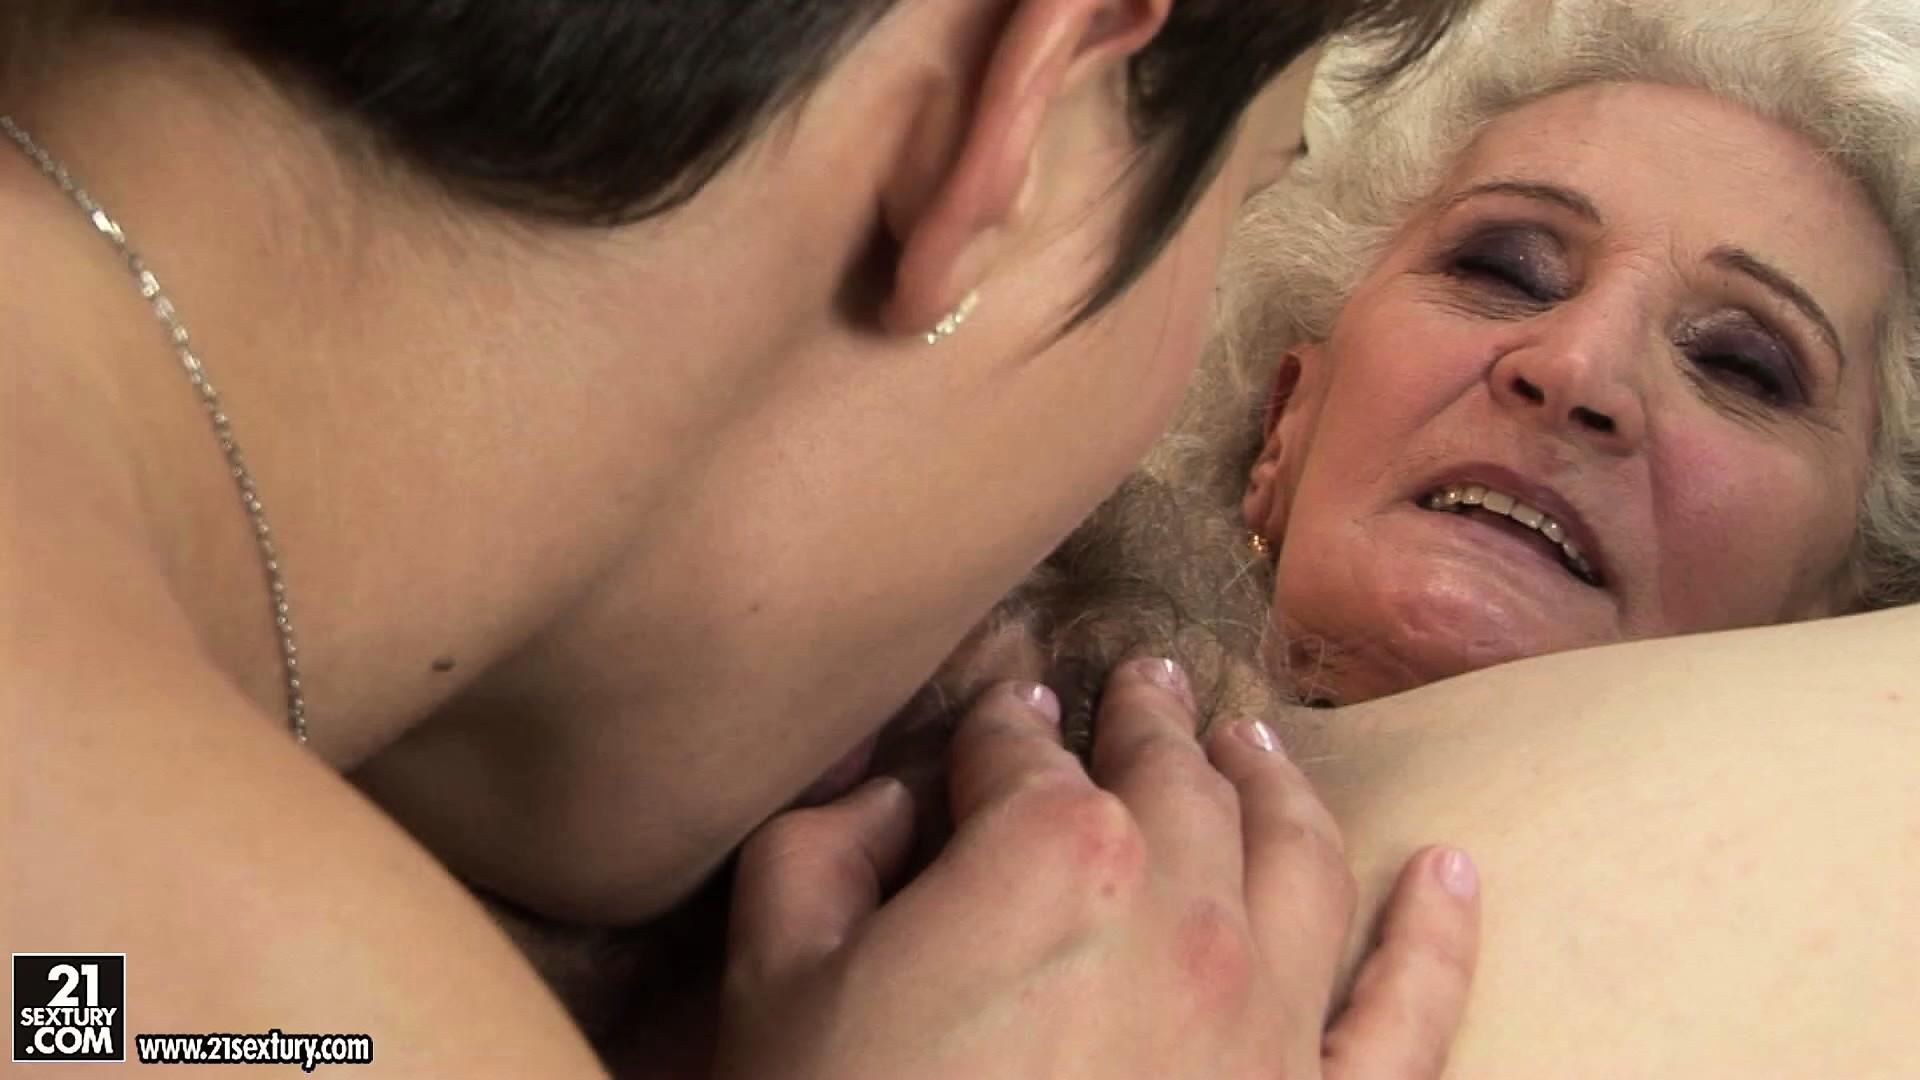 Язык в жопу порно онлайн 11 фотография